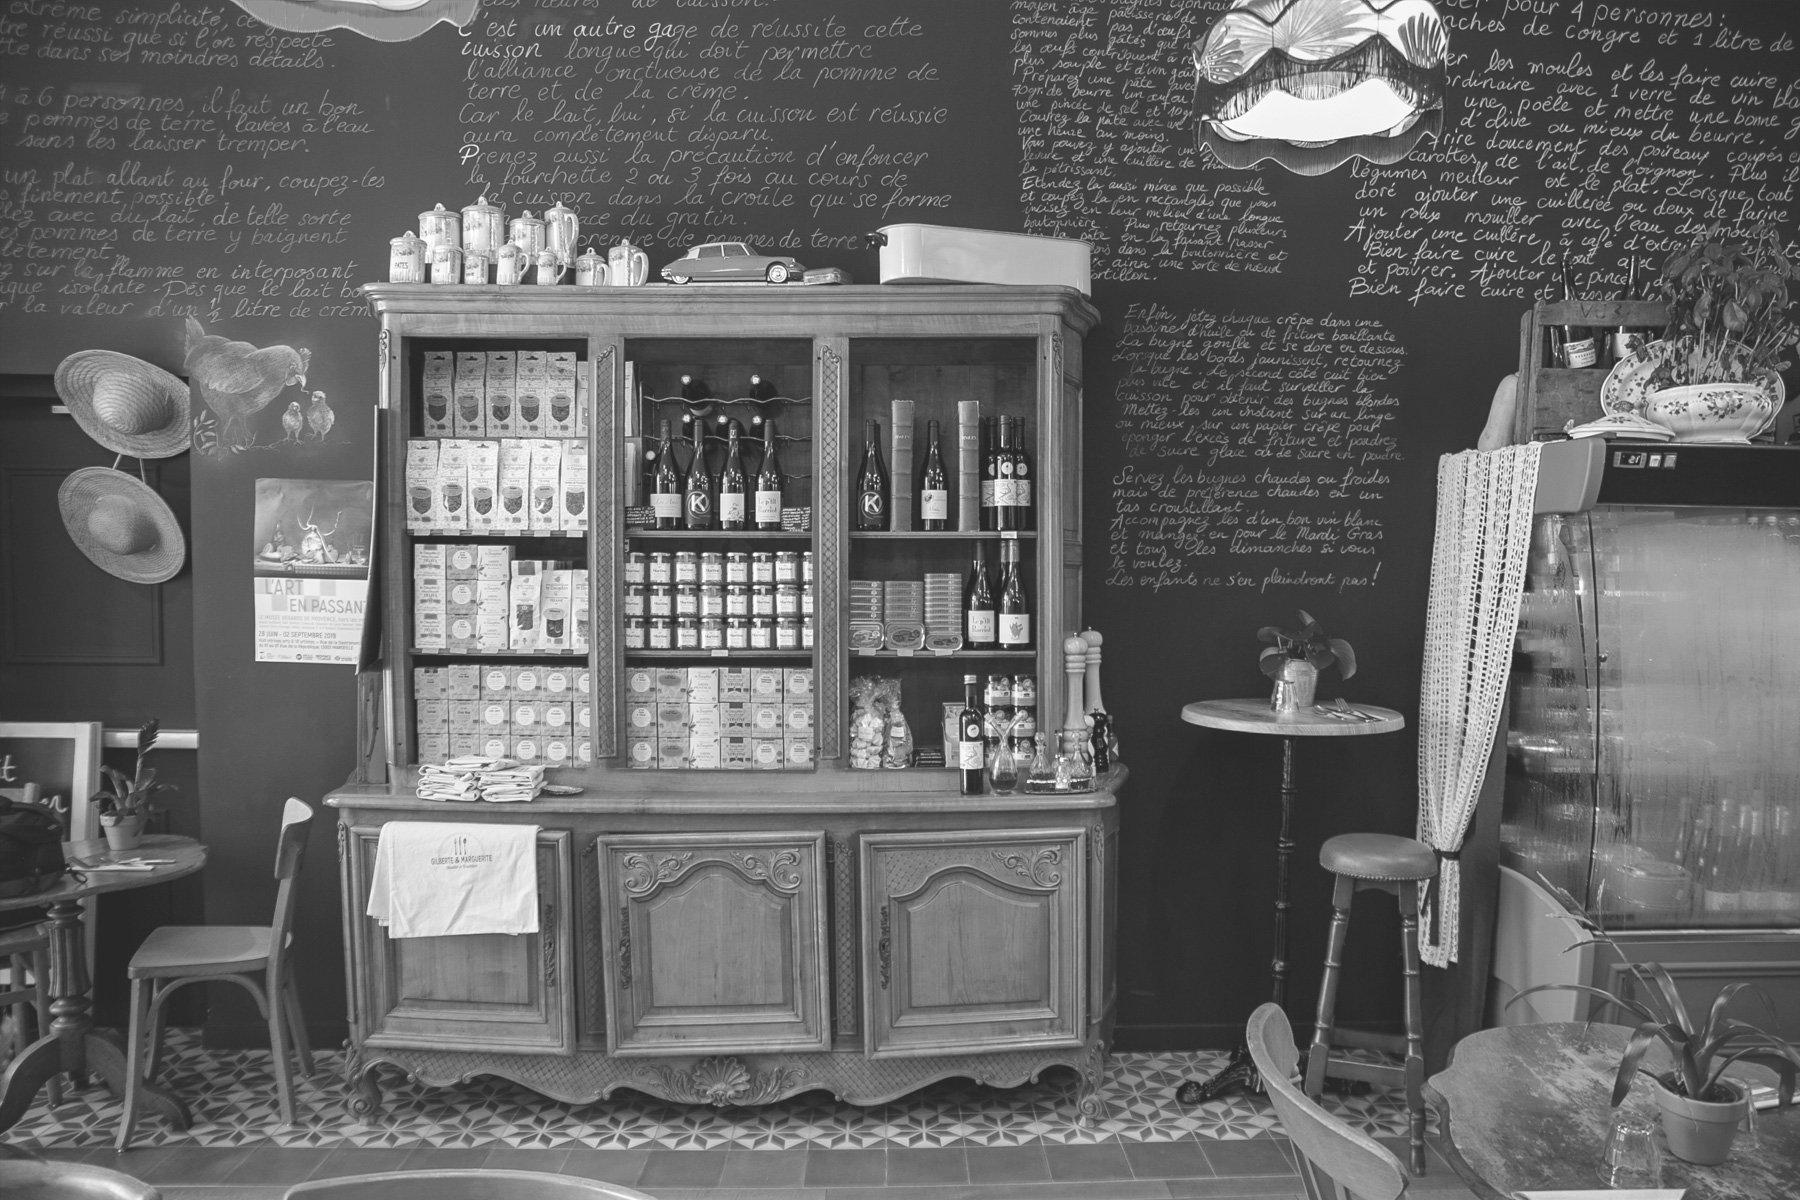 Gilberte et marguerite avenue de la république la joliette marseille plat à emporter fait maison épicerie fine